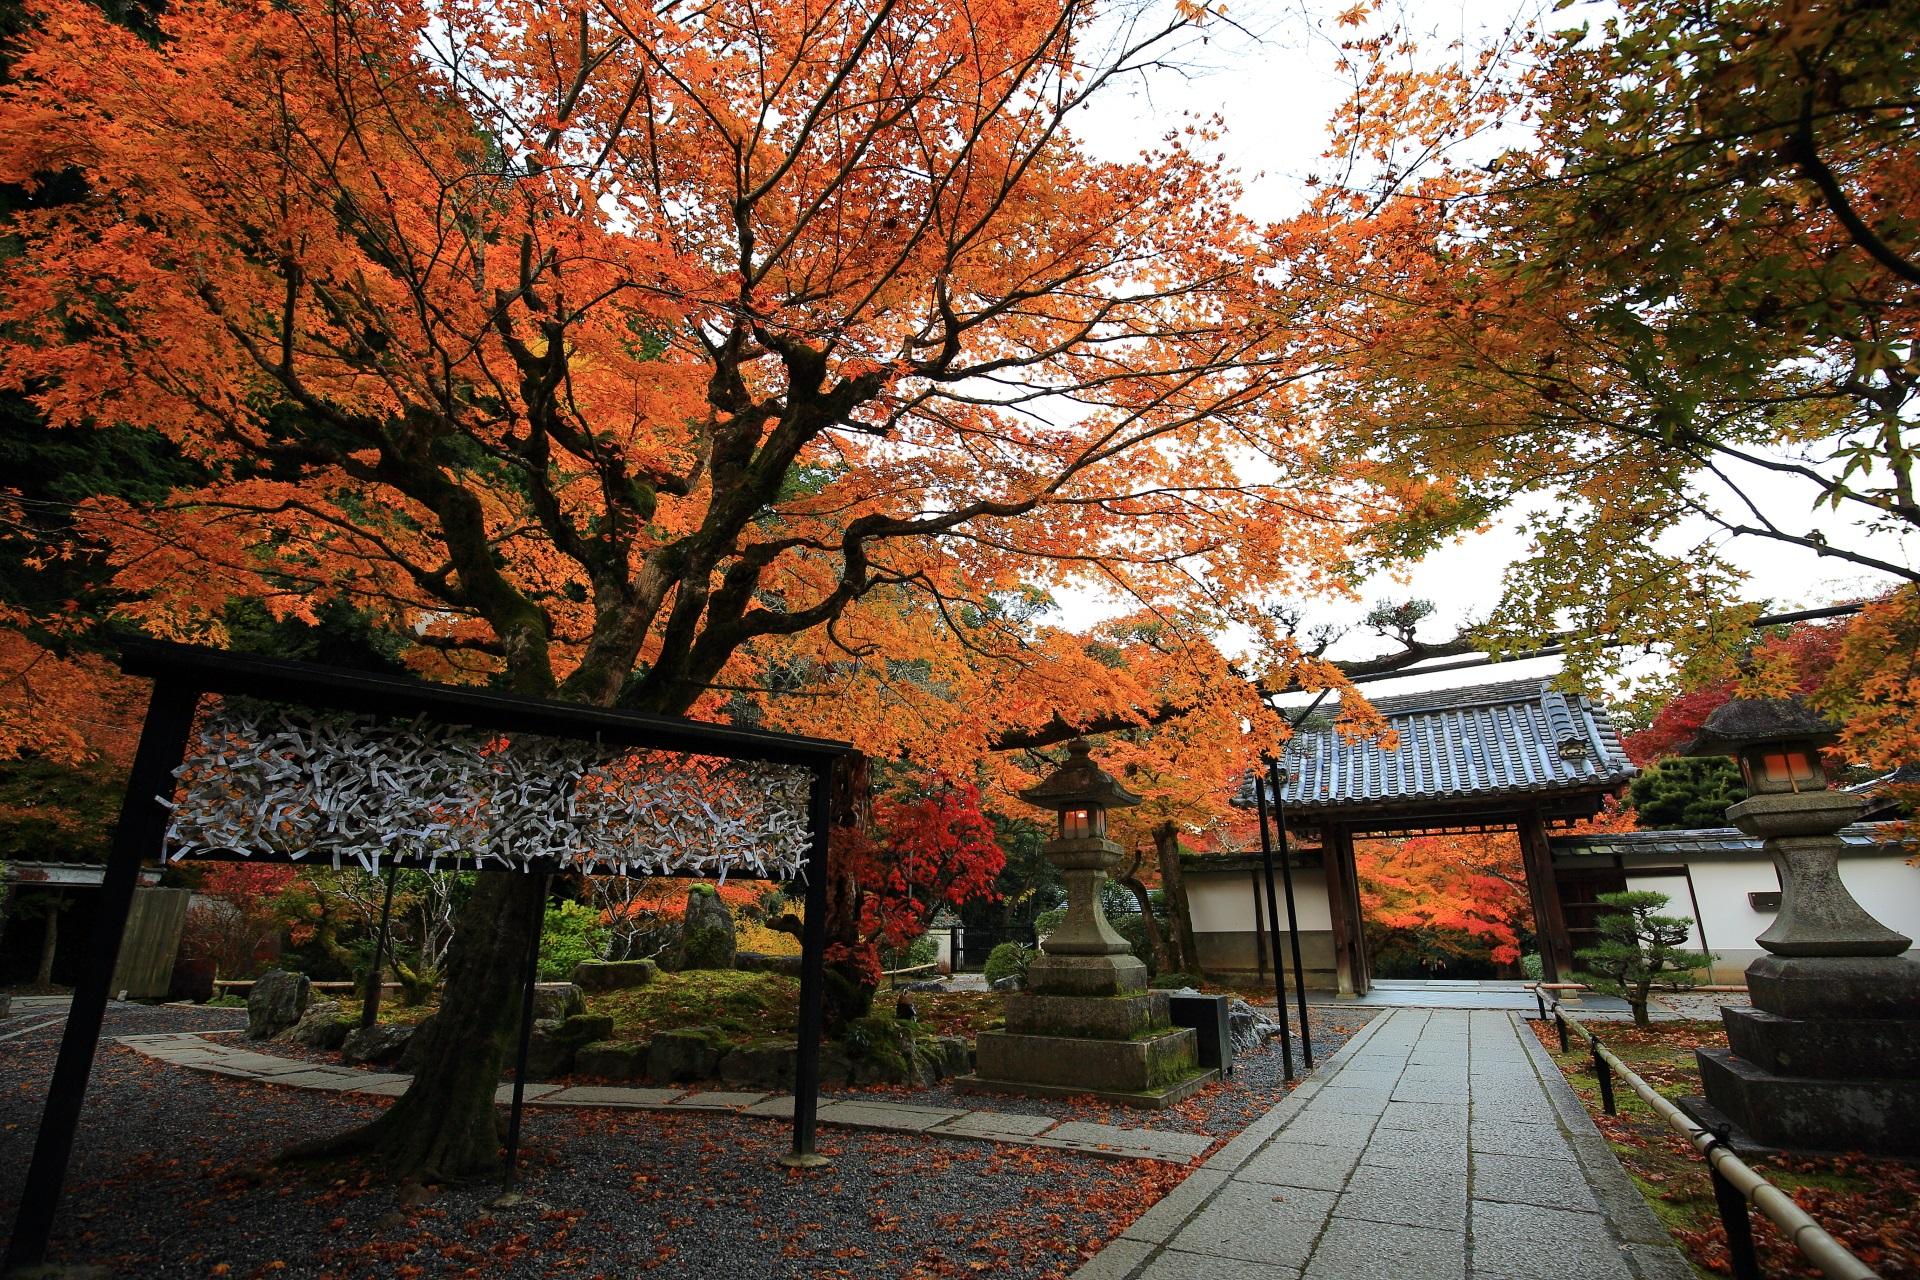 最勝院の本堂前から眺めた山門と紅葉